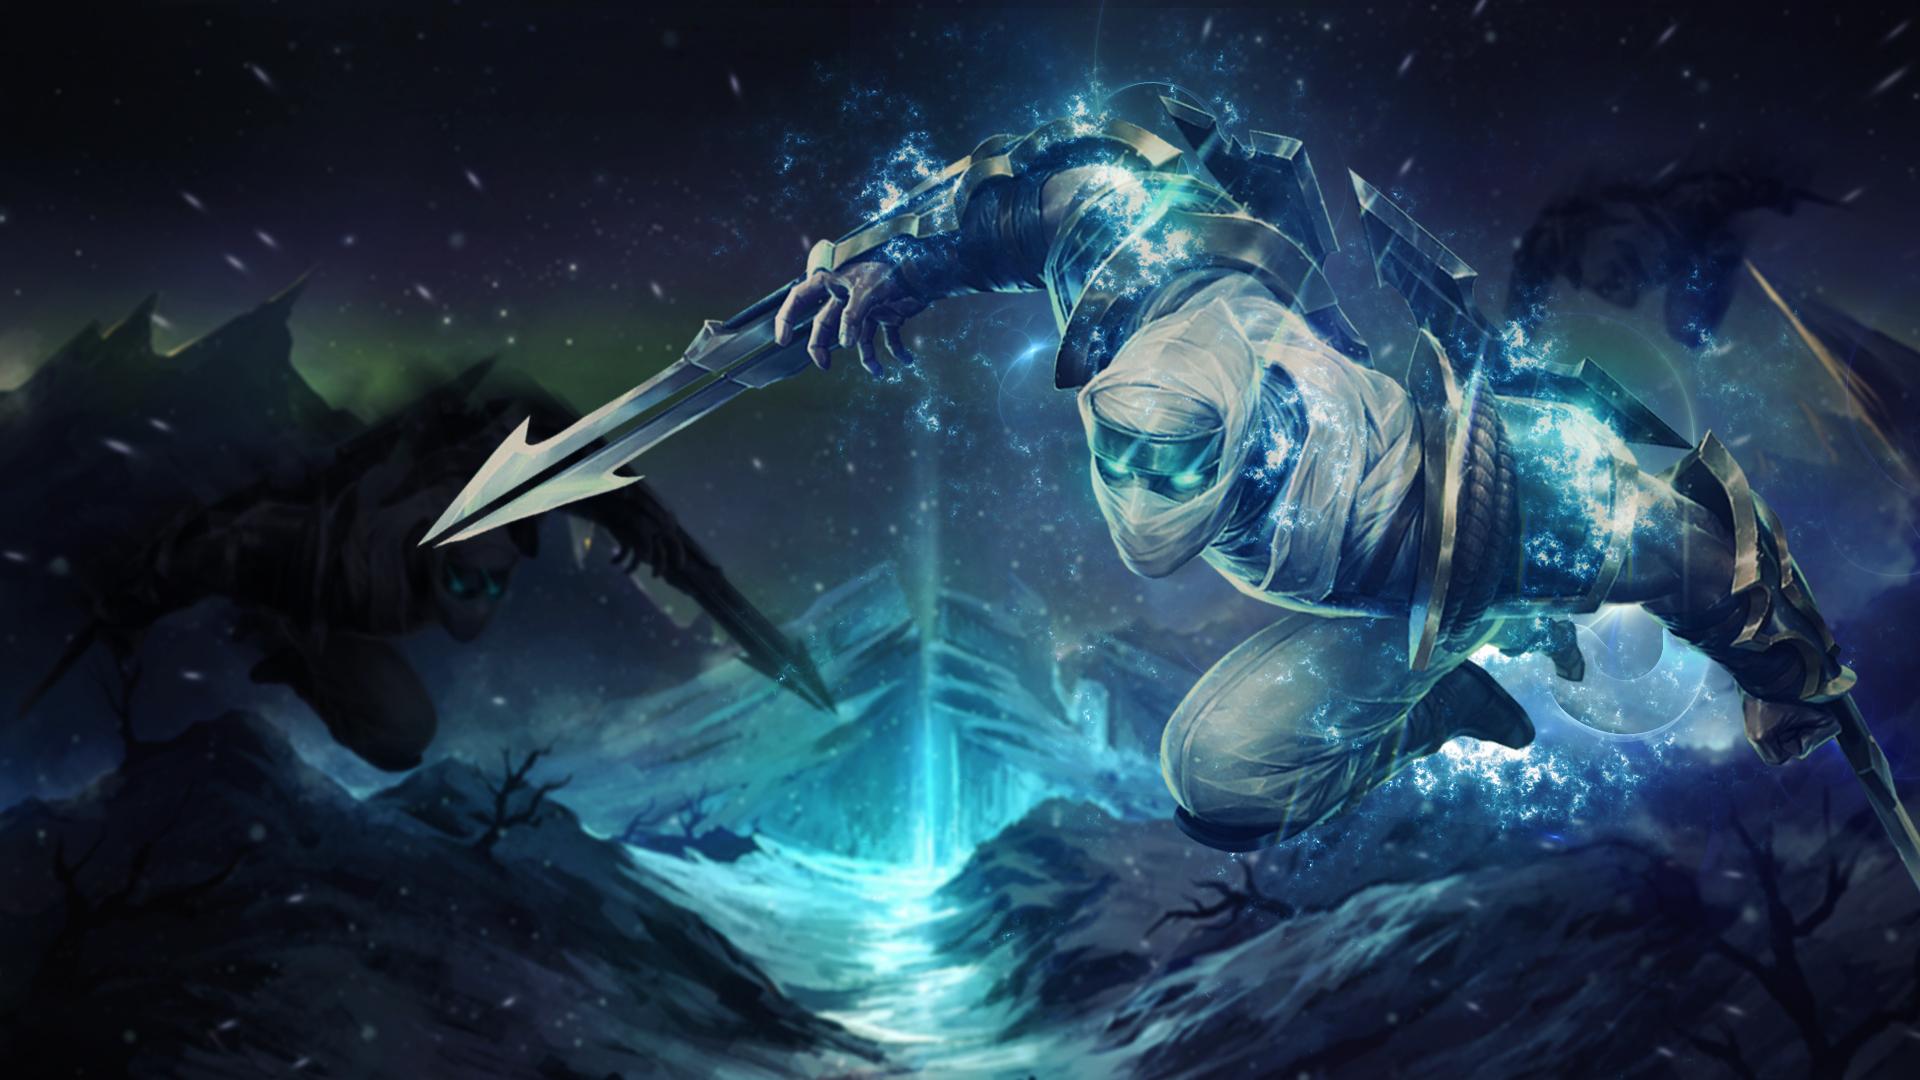 League of Legends Zed - Desktop Wallpaper by Trinexz on DeviantArt